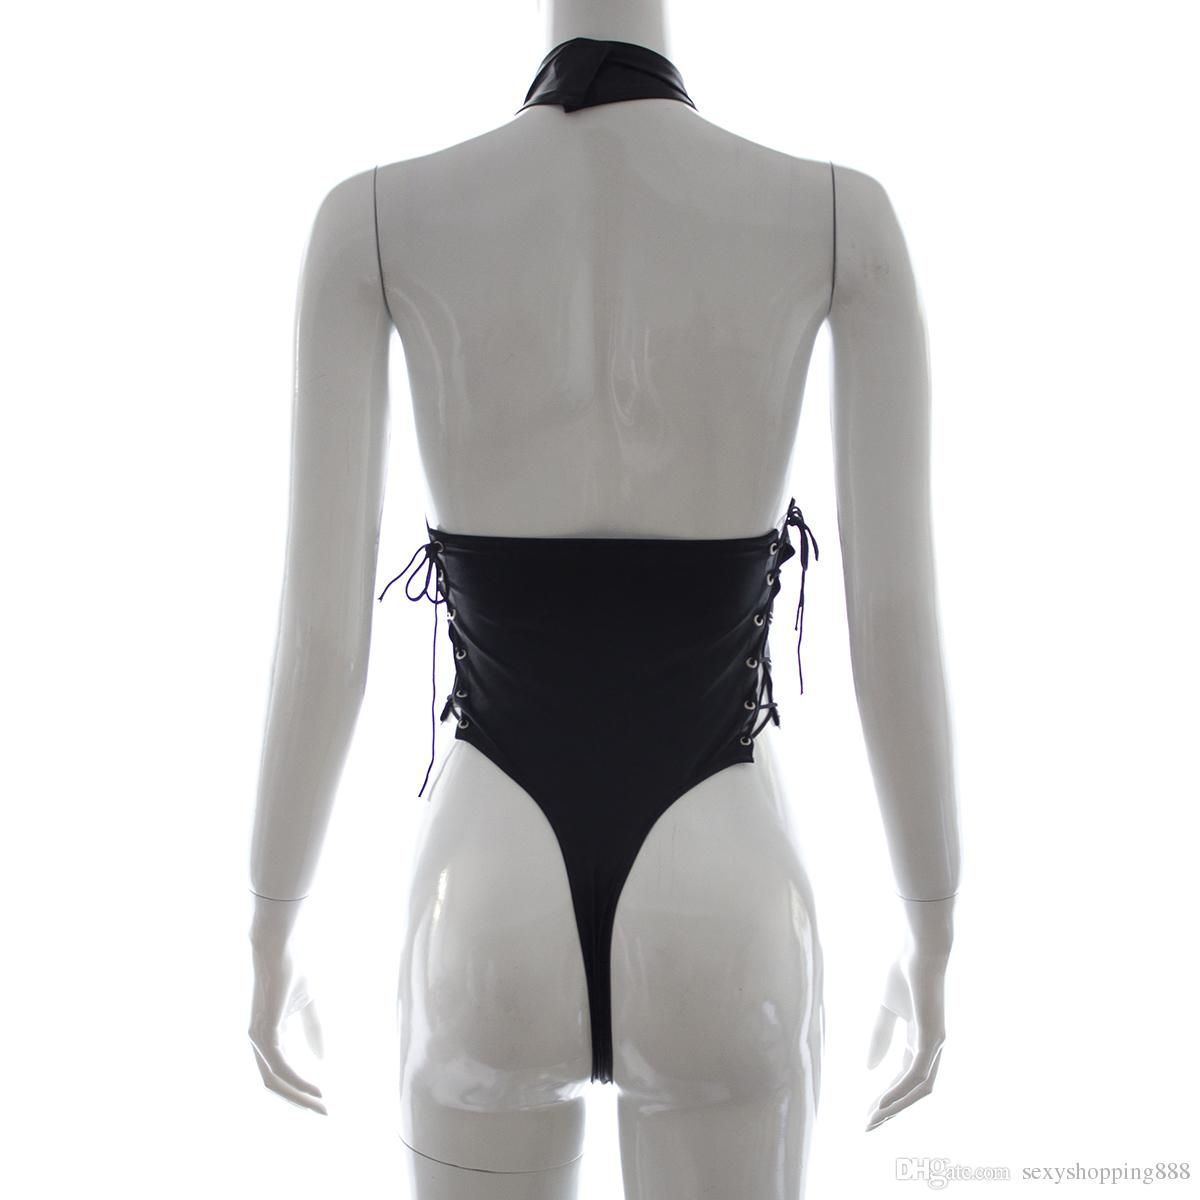 Ositos de peluche lencería sexy para mujer mono de cuero de patente vestido de látex trajes de juego sexual ropa interior de sexo de la señora productos del sexo desgaste del sexo para adultos